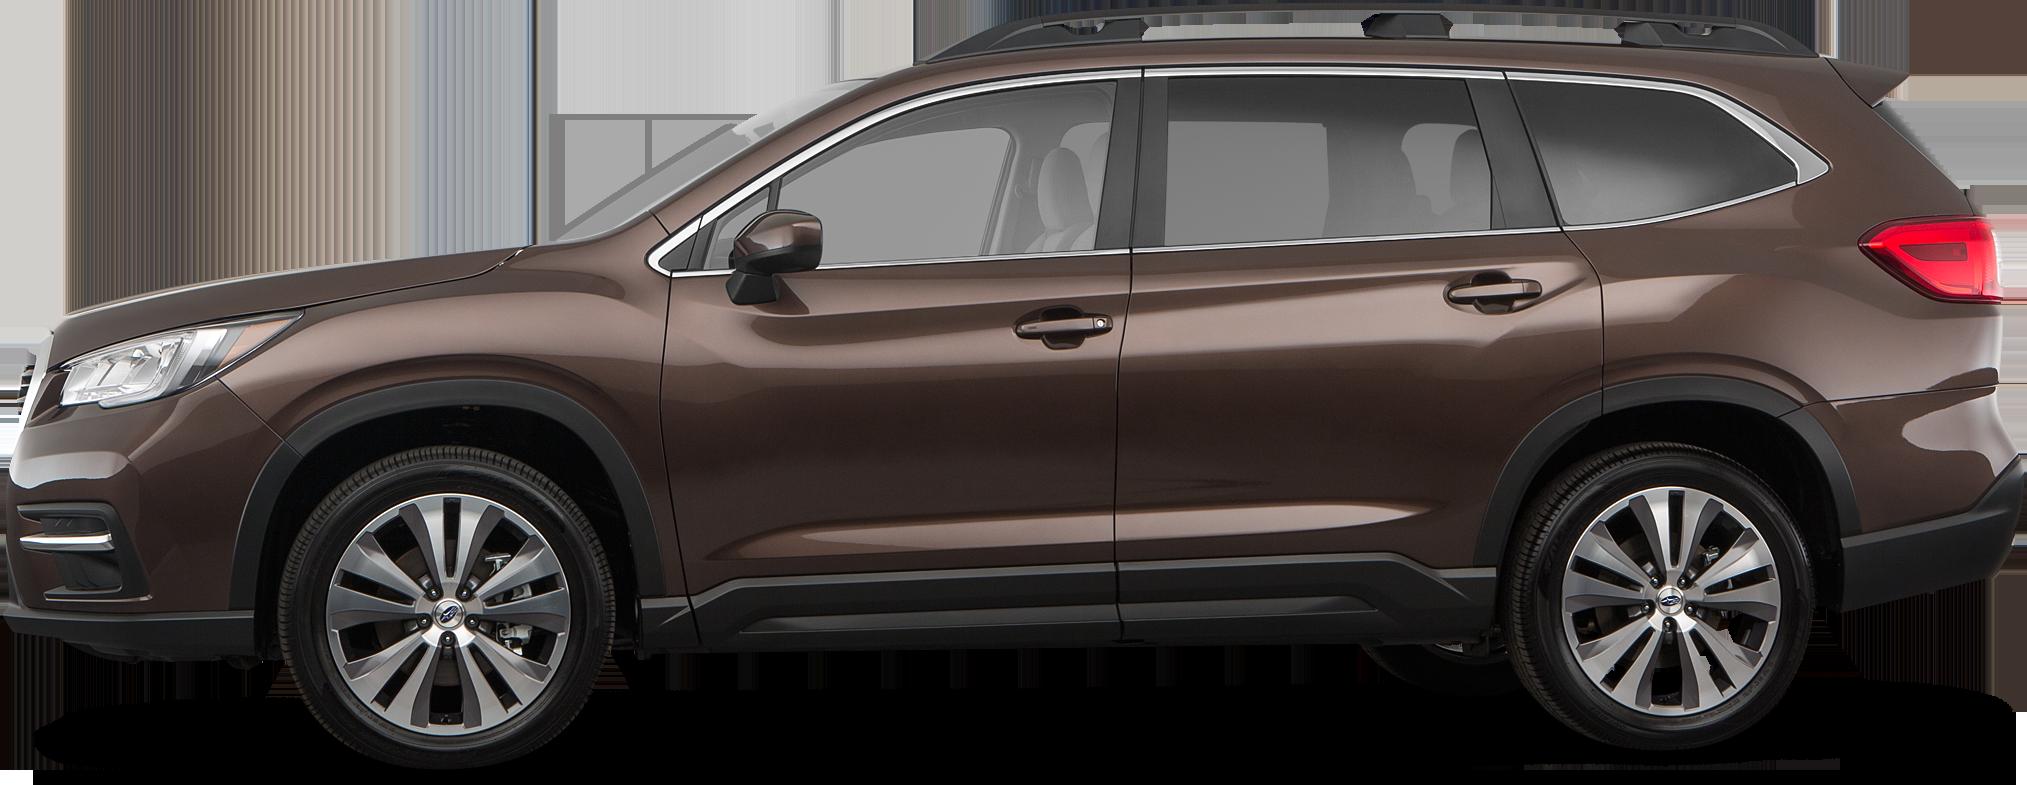 2020 Subaru Ascent SUV Premium 7-Passenger